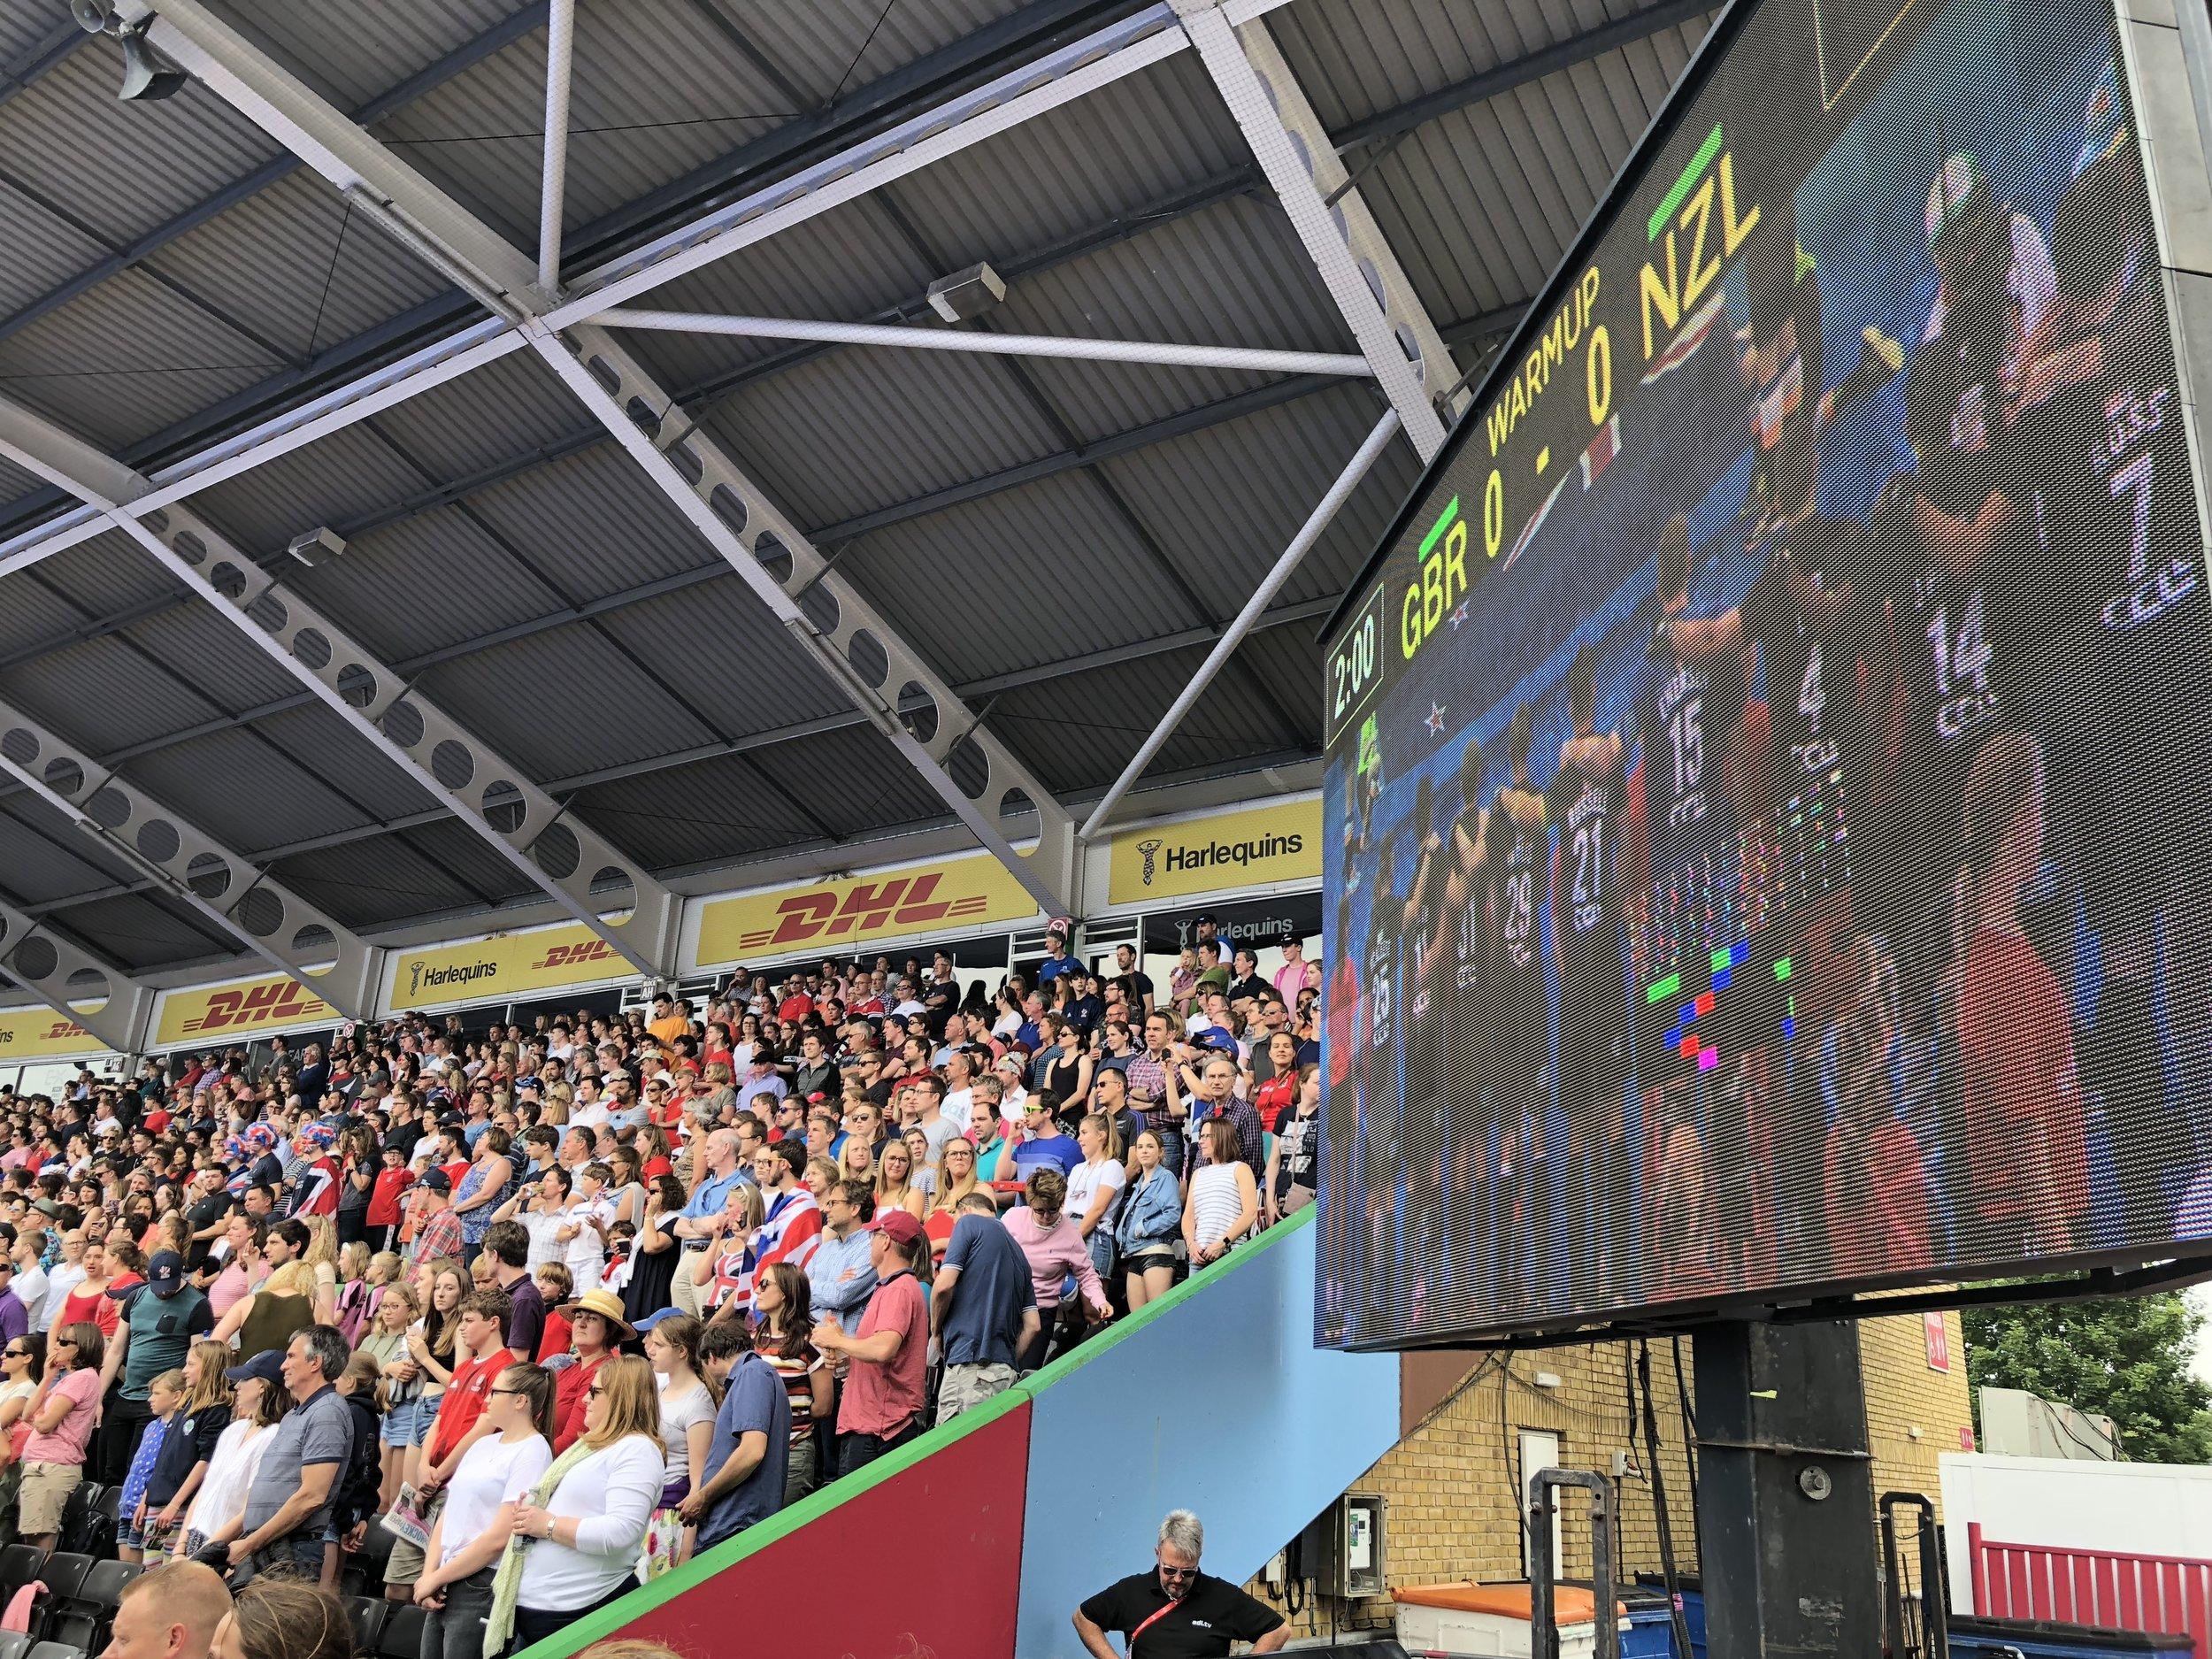 crowd & screen shot.JPG